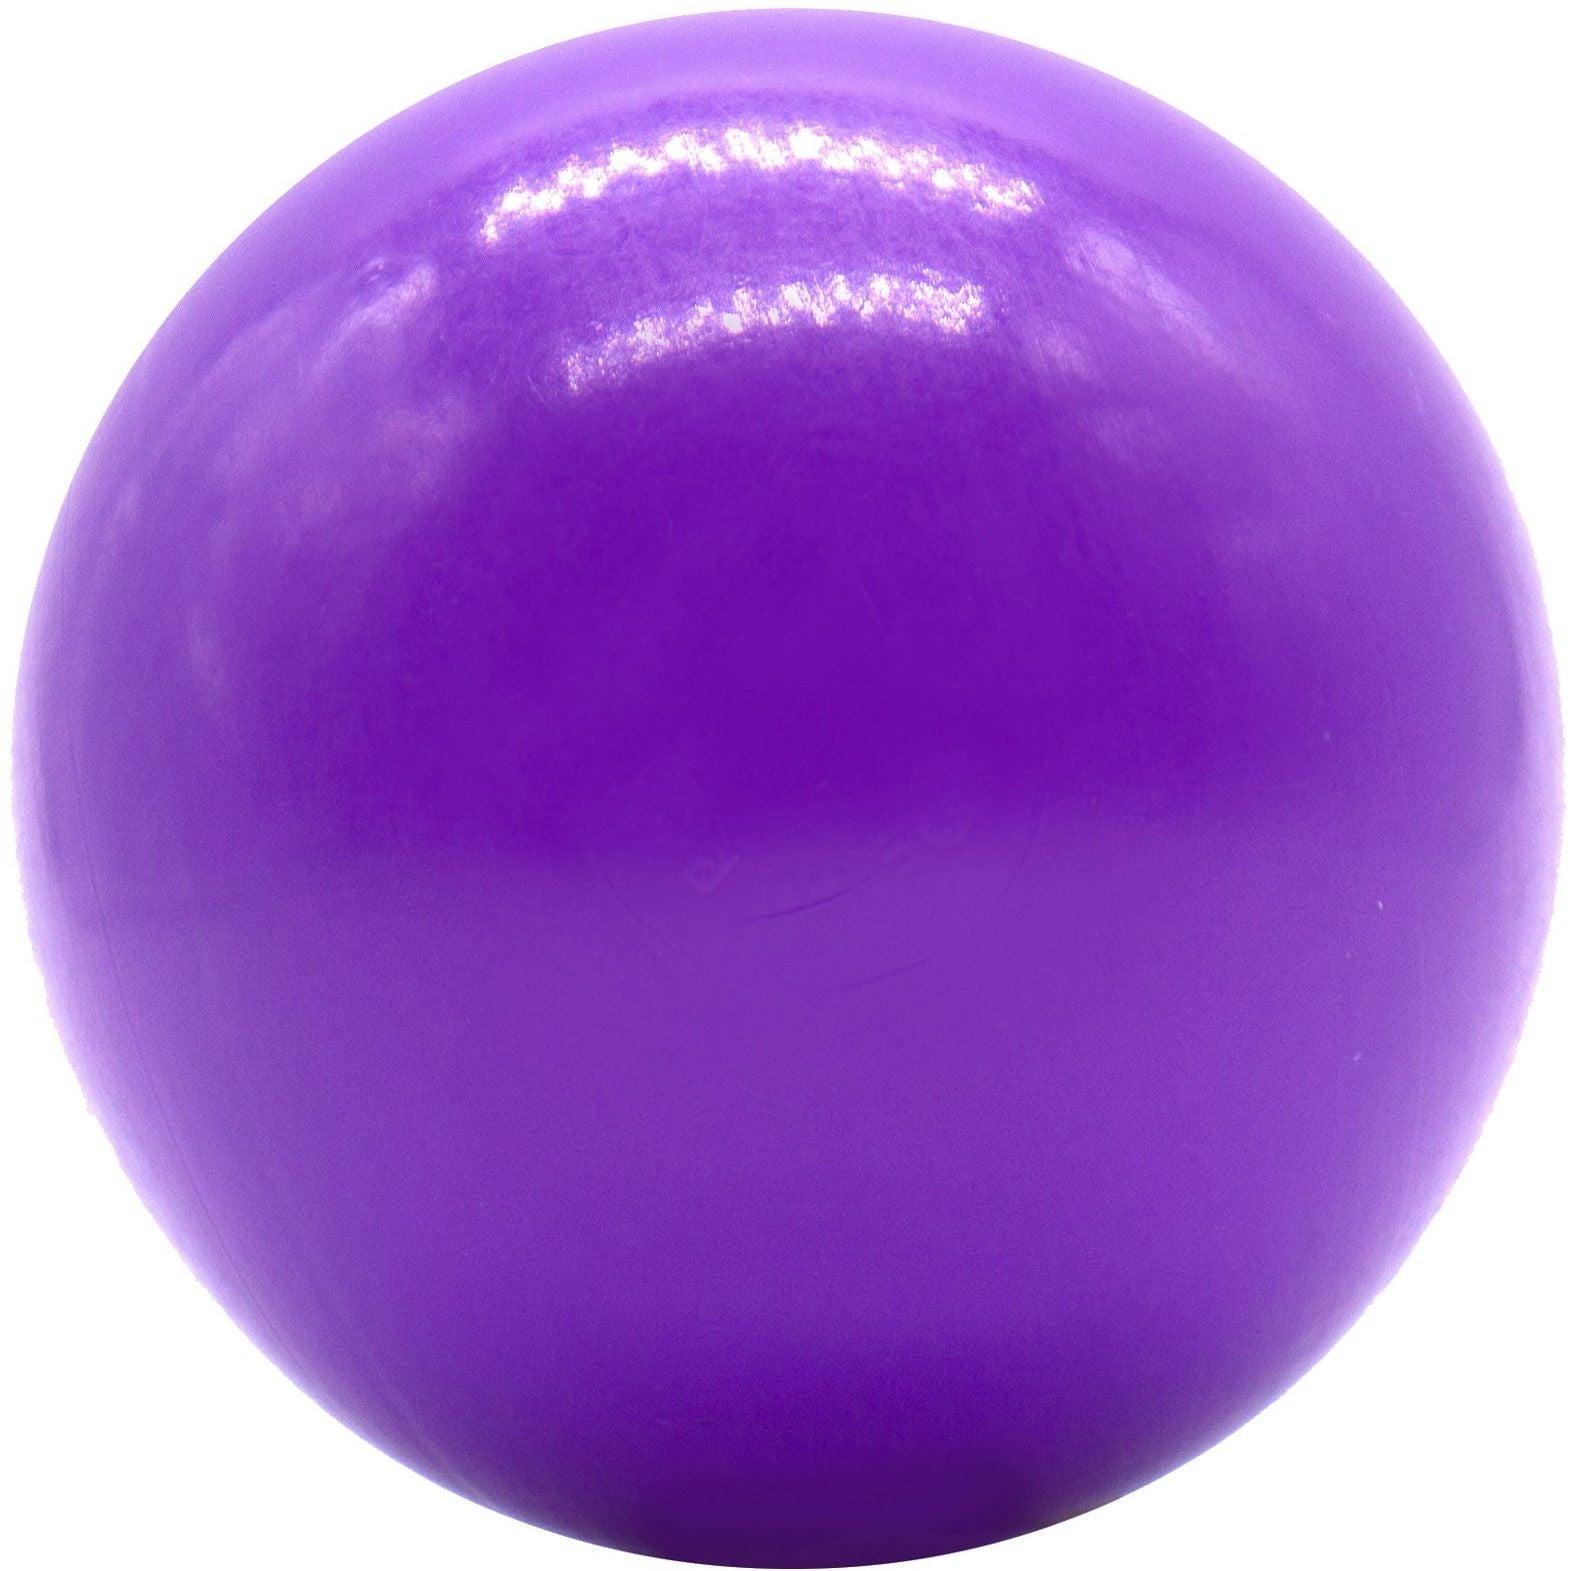 KIDKII Extra Bollar 100 st, Light Purple